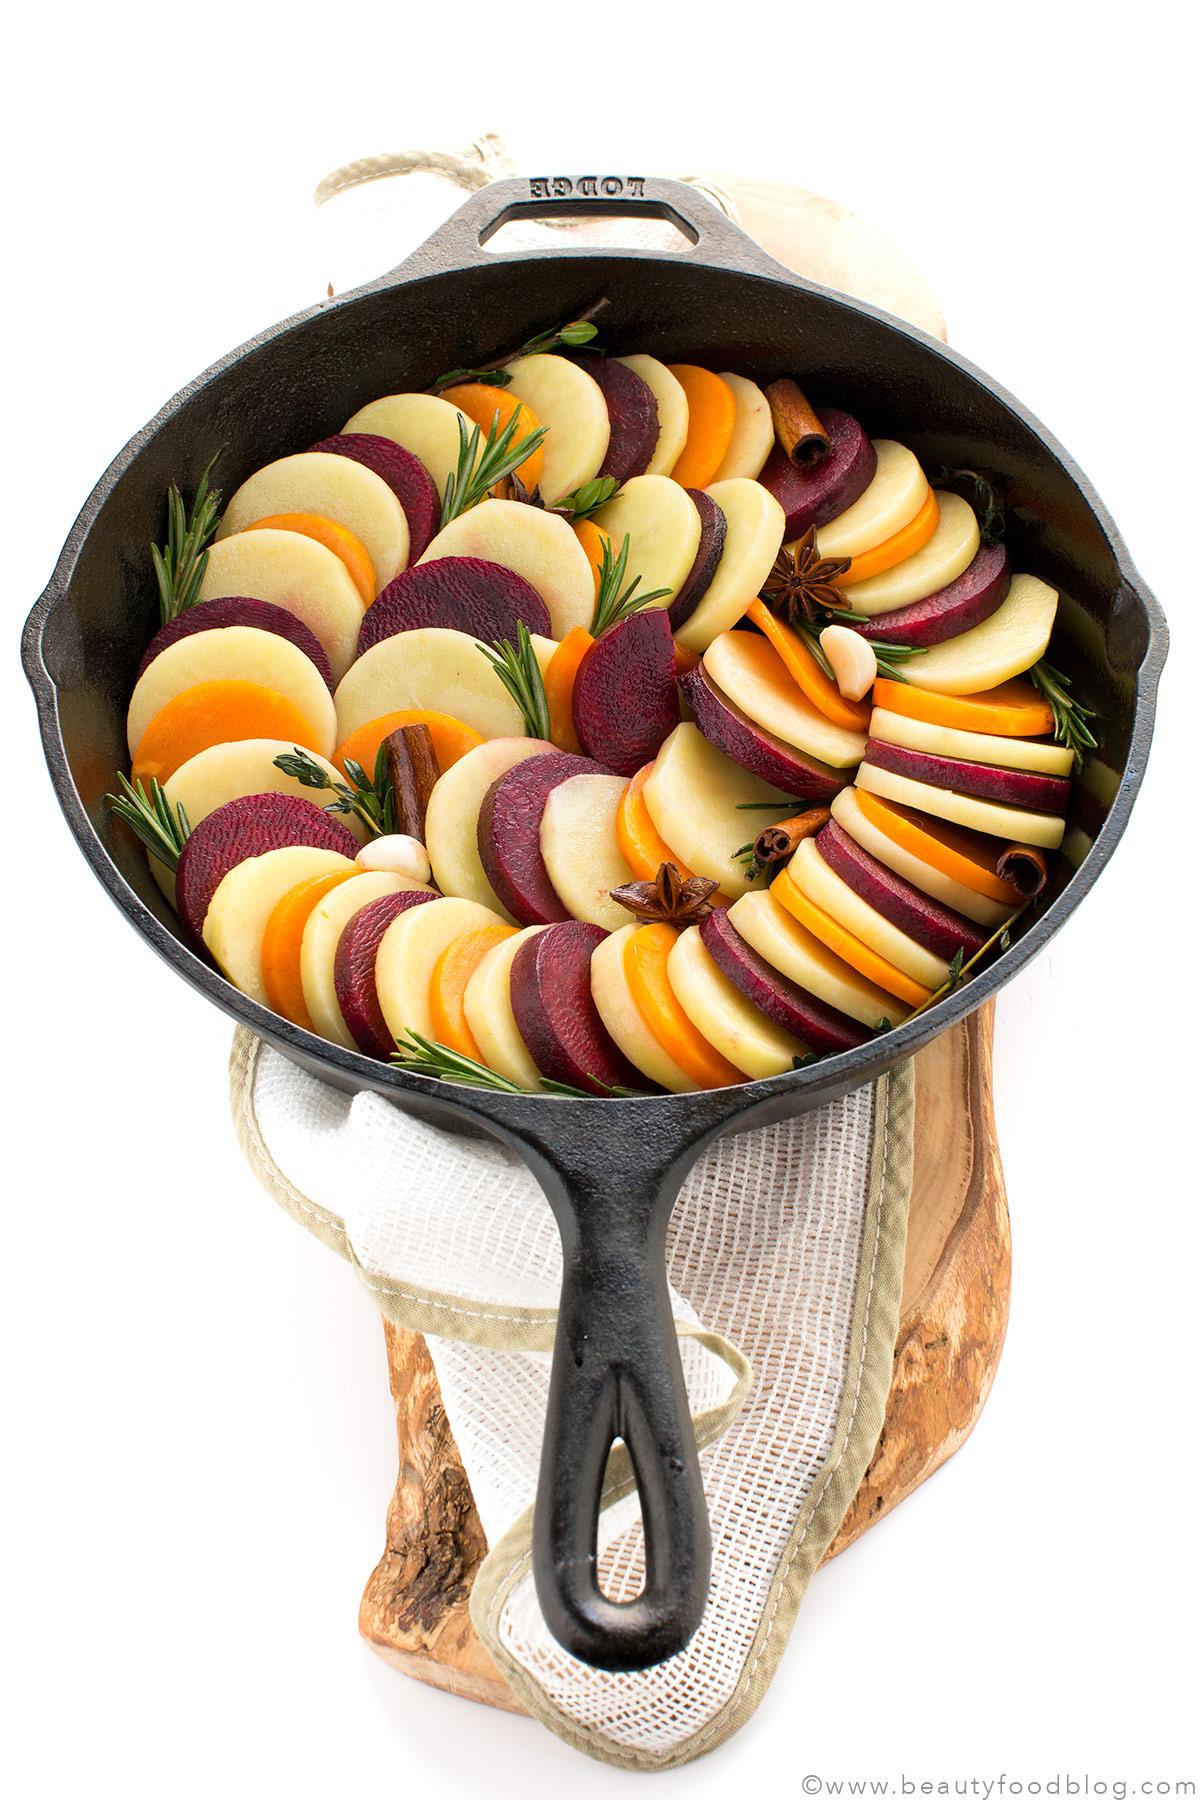 Ricetta RATATOUILLE INVERNALE di patate, barbabietola e zucca al forno - Vegan Autumn Tian Ratatouille recipe with potato, beet and pumpkin5